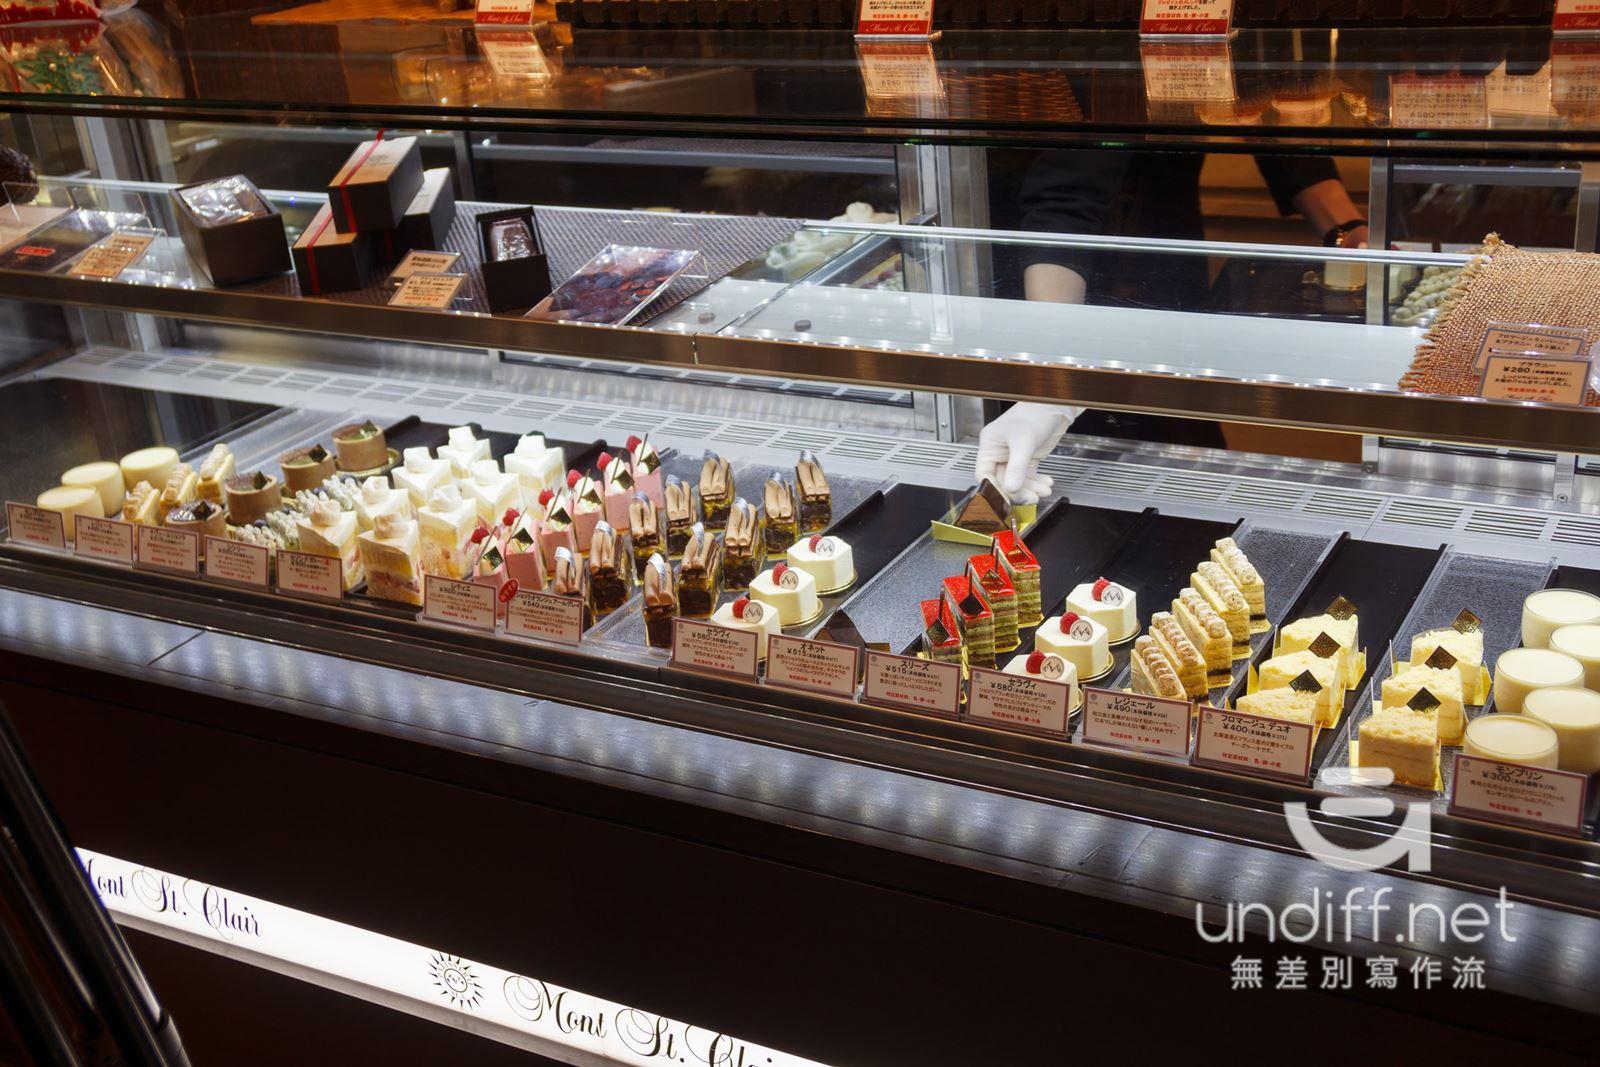 【東京美食】自由之丘 Mont St. Clair 》名不虛傳的人氣甜點名店 12